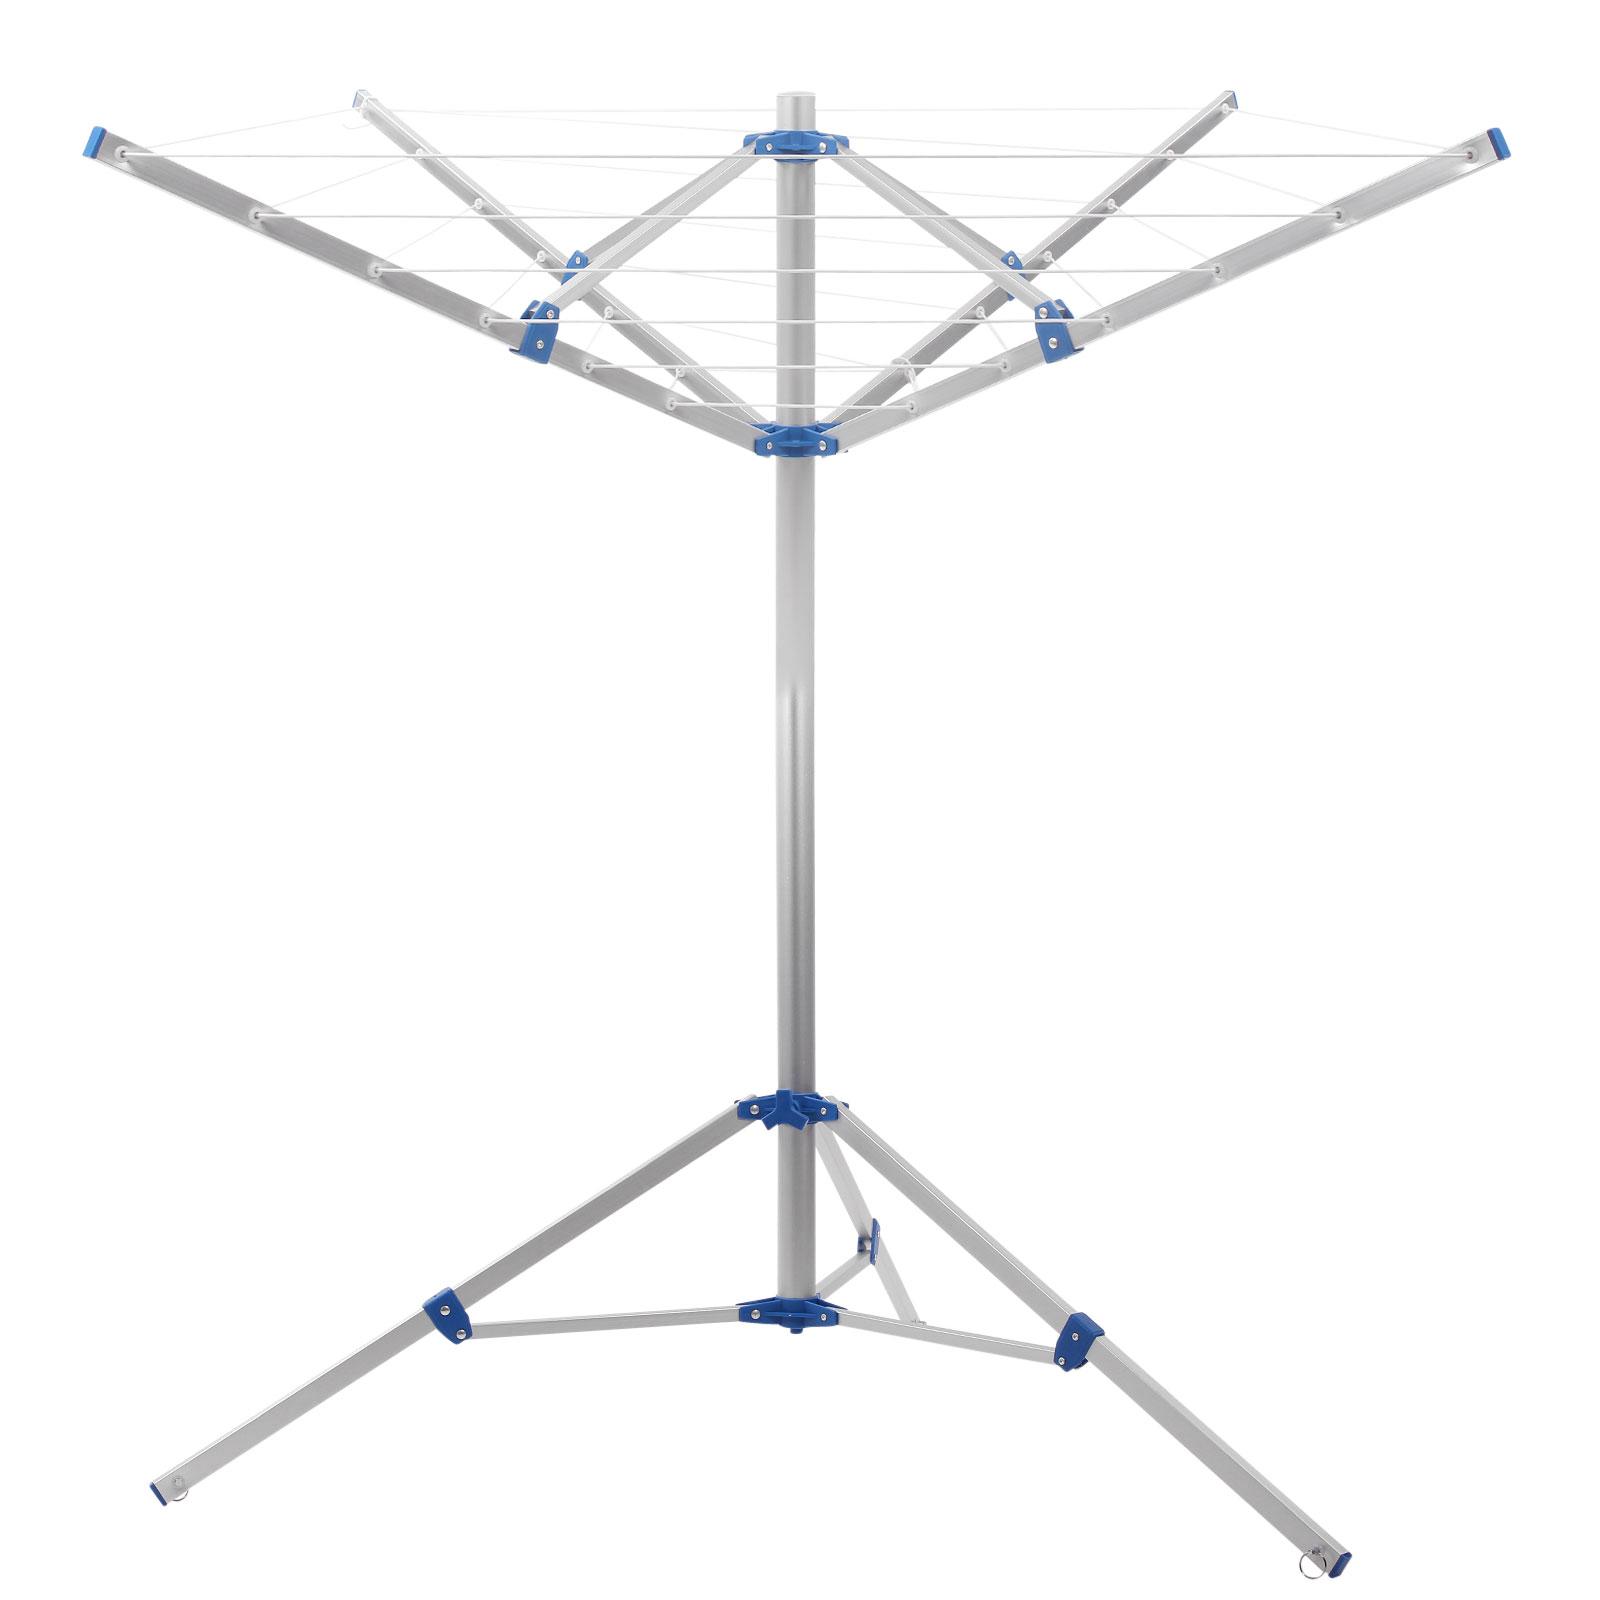 Camping Wäschespinne 15 Meter Leine, Spannweite 152 cm , Höhe 150 cm,Tragetasche